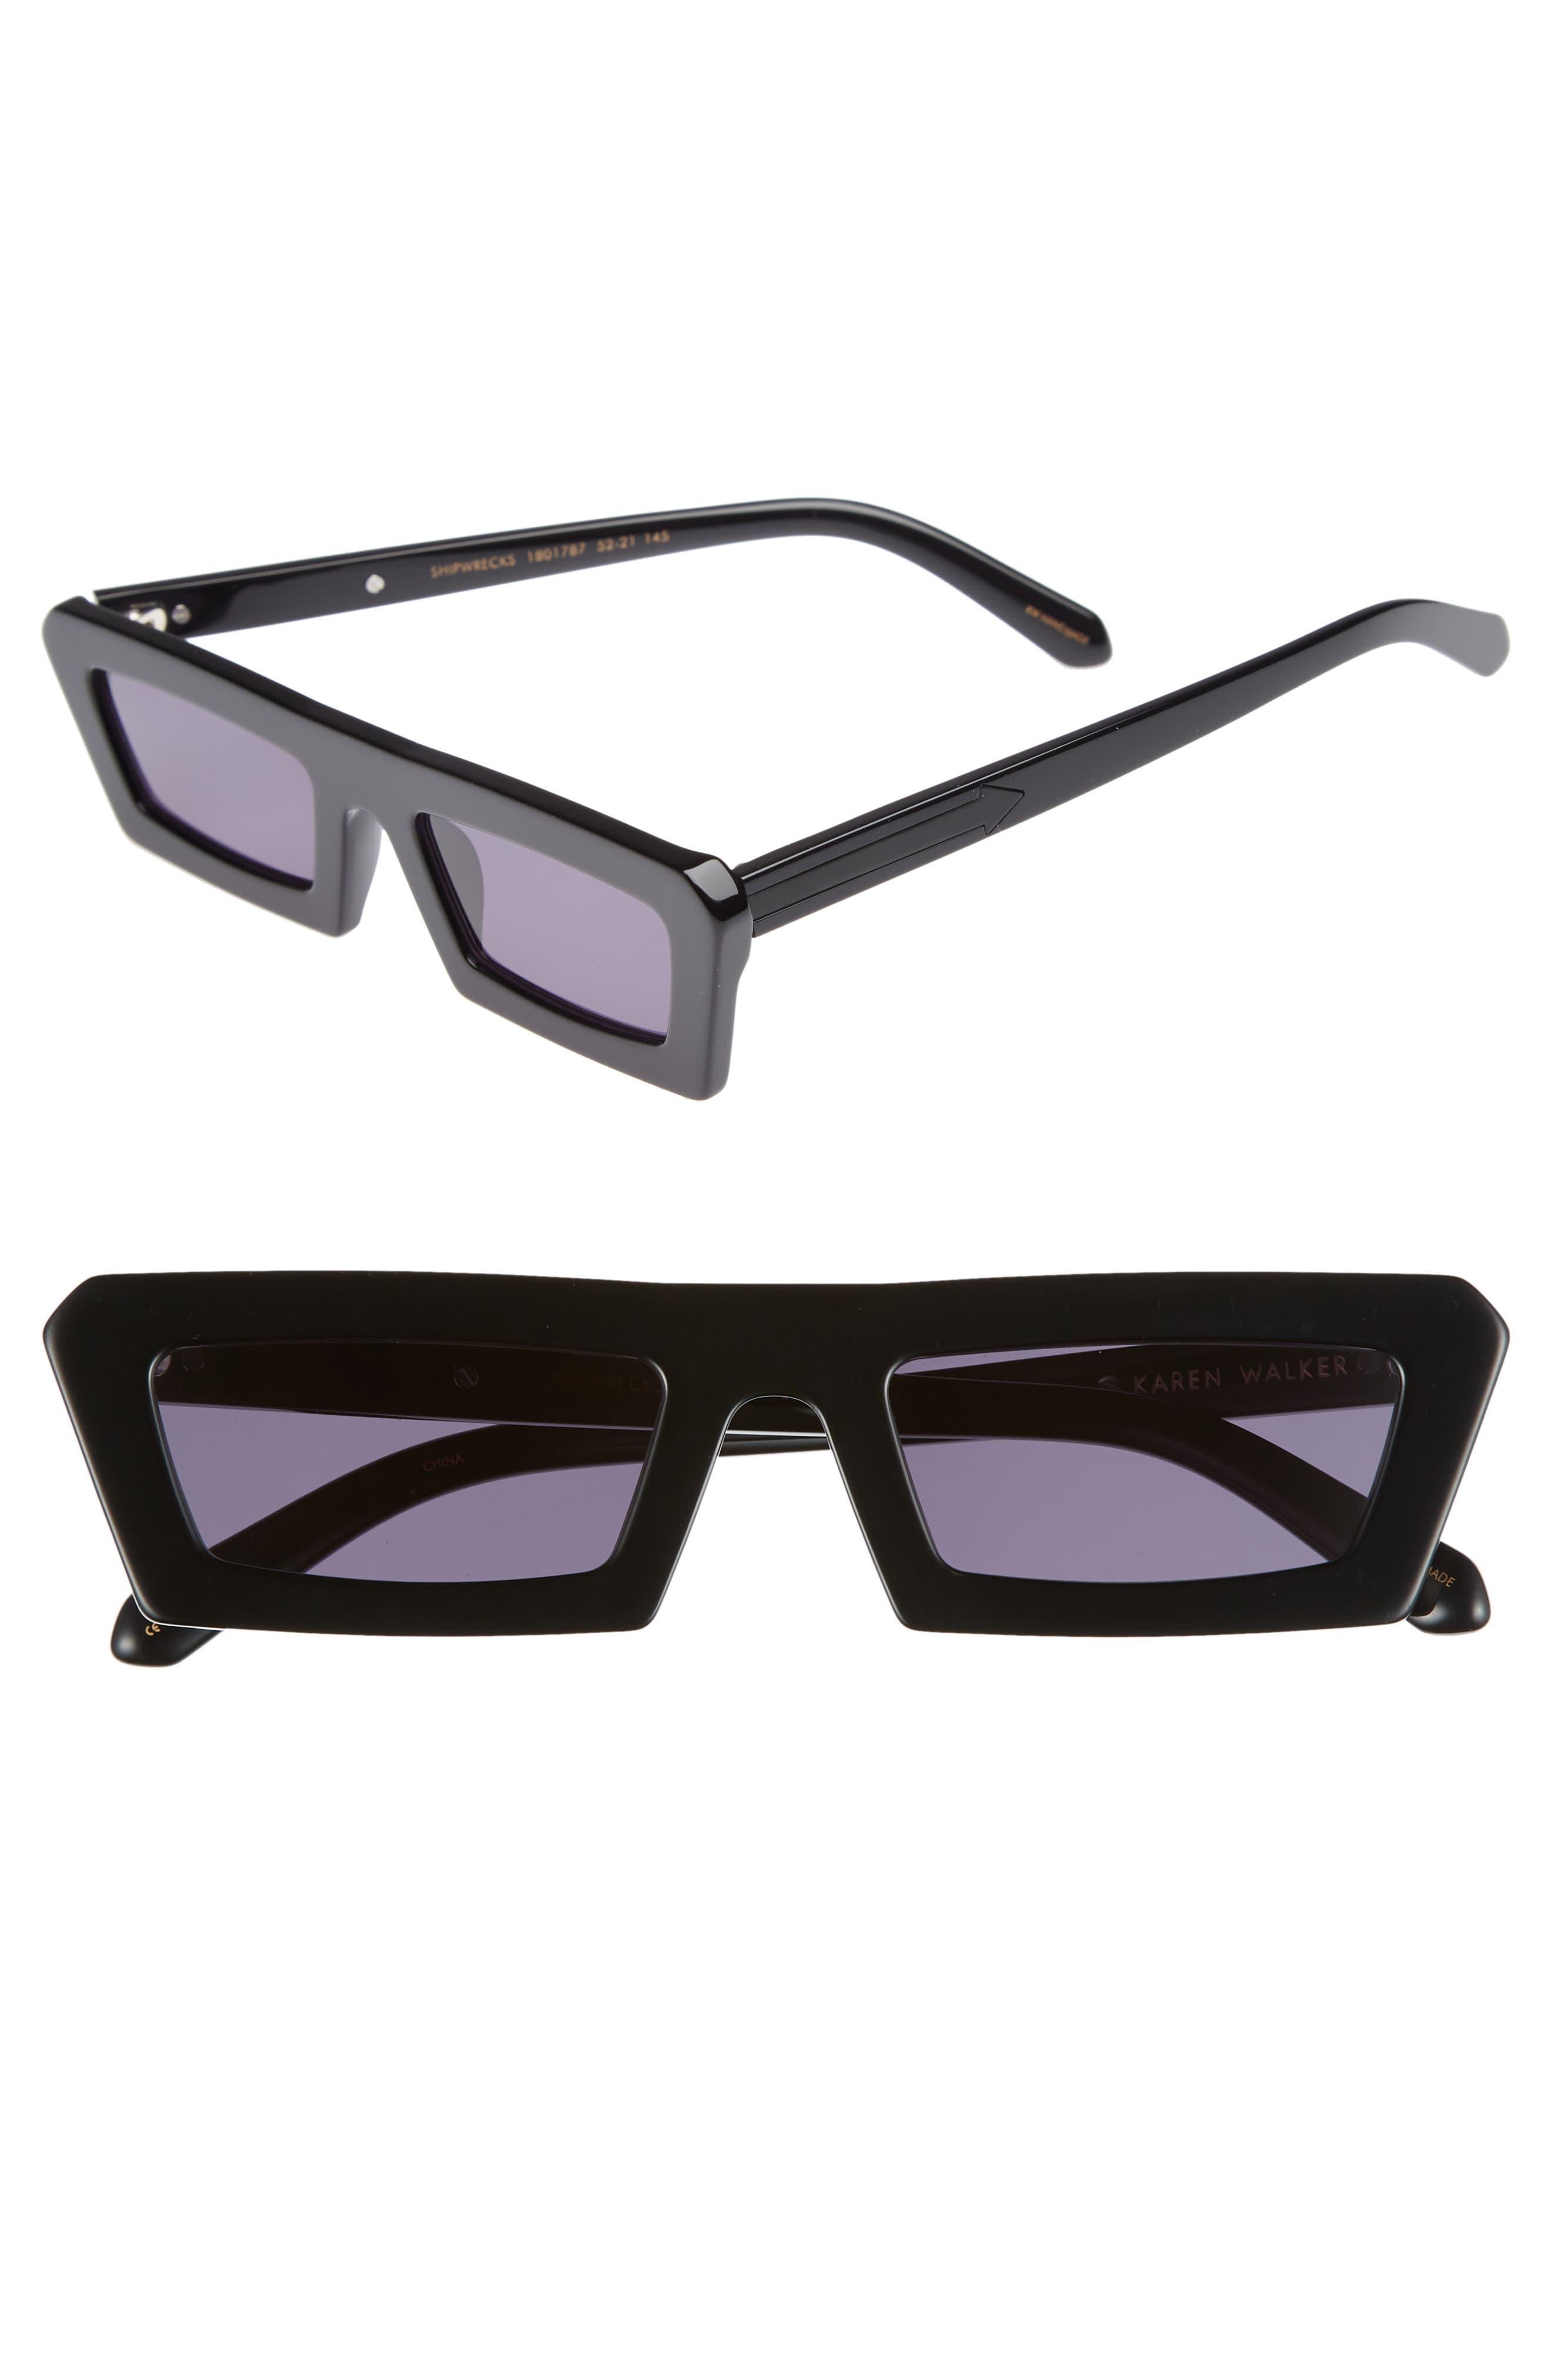 Shipwrecks 52mm Square Sunglasses,                             Main thumbnail 1, color,                             BLACK/ SMOKE